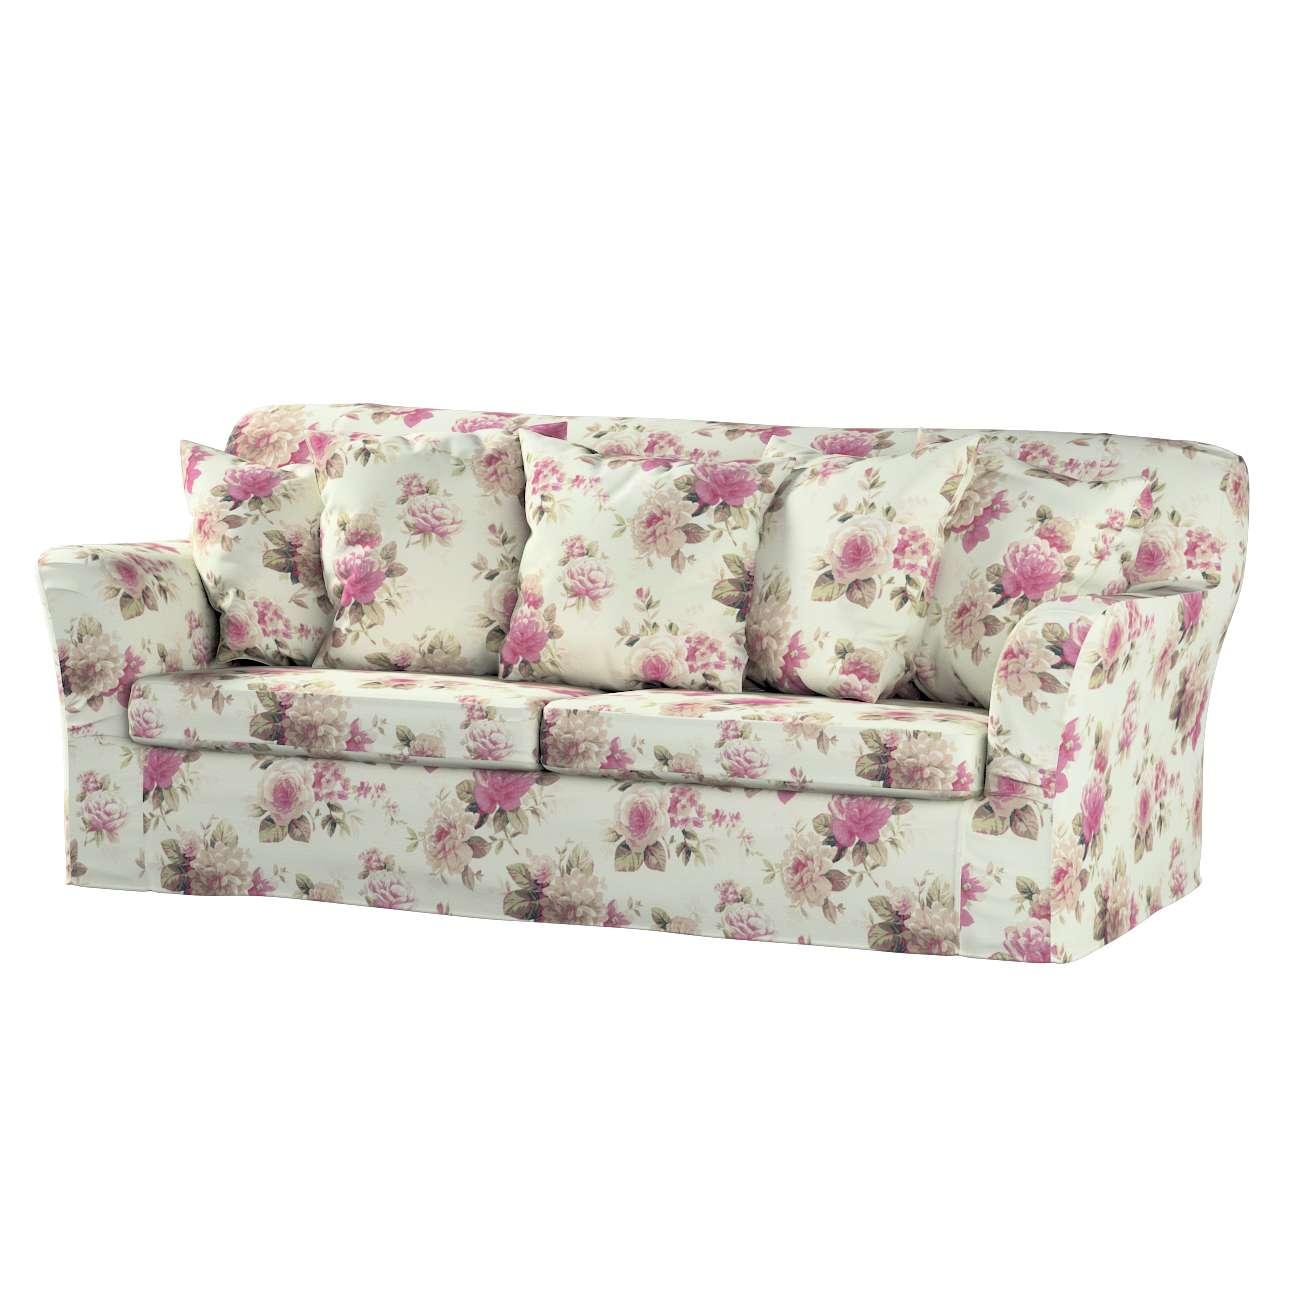 Pokrowiec na sofę Tomelilla 3-osobową rozkładaną Sofa Tomelilla rozkładana w kolekcji Mirella, tkanina: 141-07